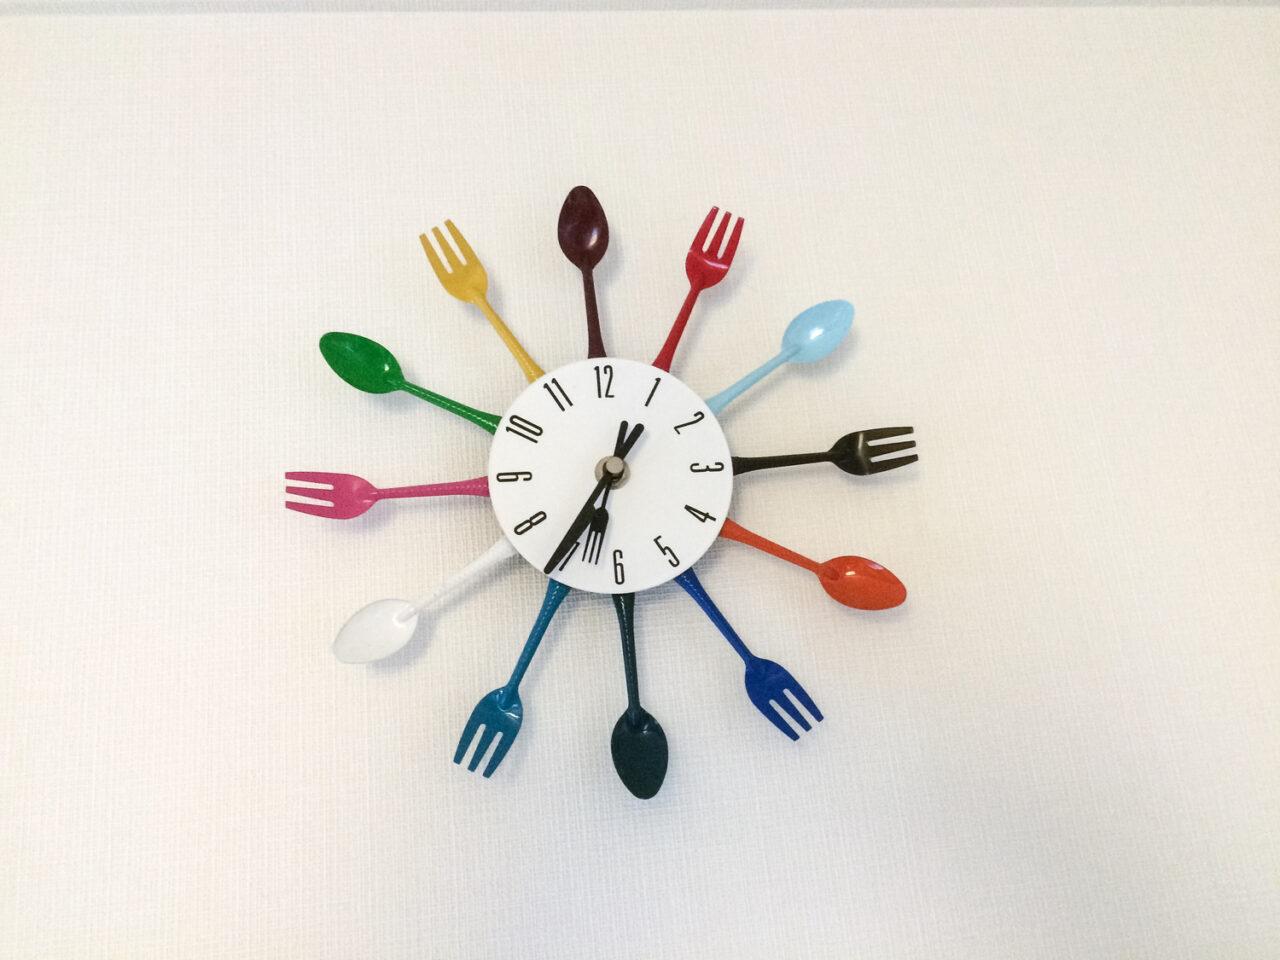 今日も22時に帰宅、夕食はまだ…。遅い時間に帰ってきた日の太らない食事法